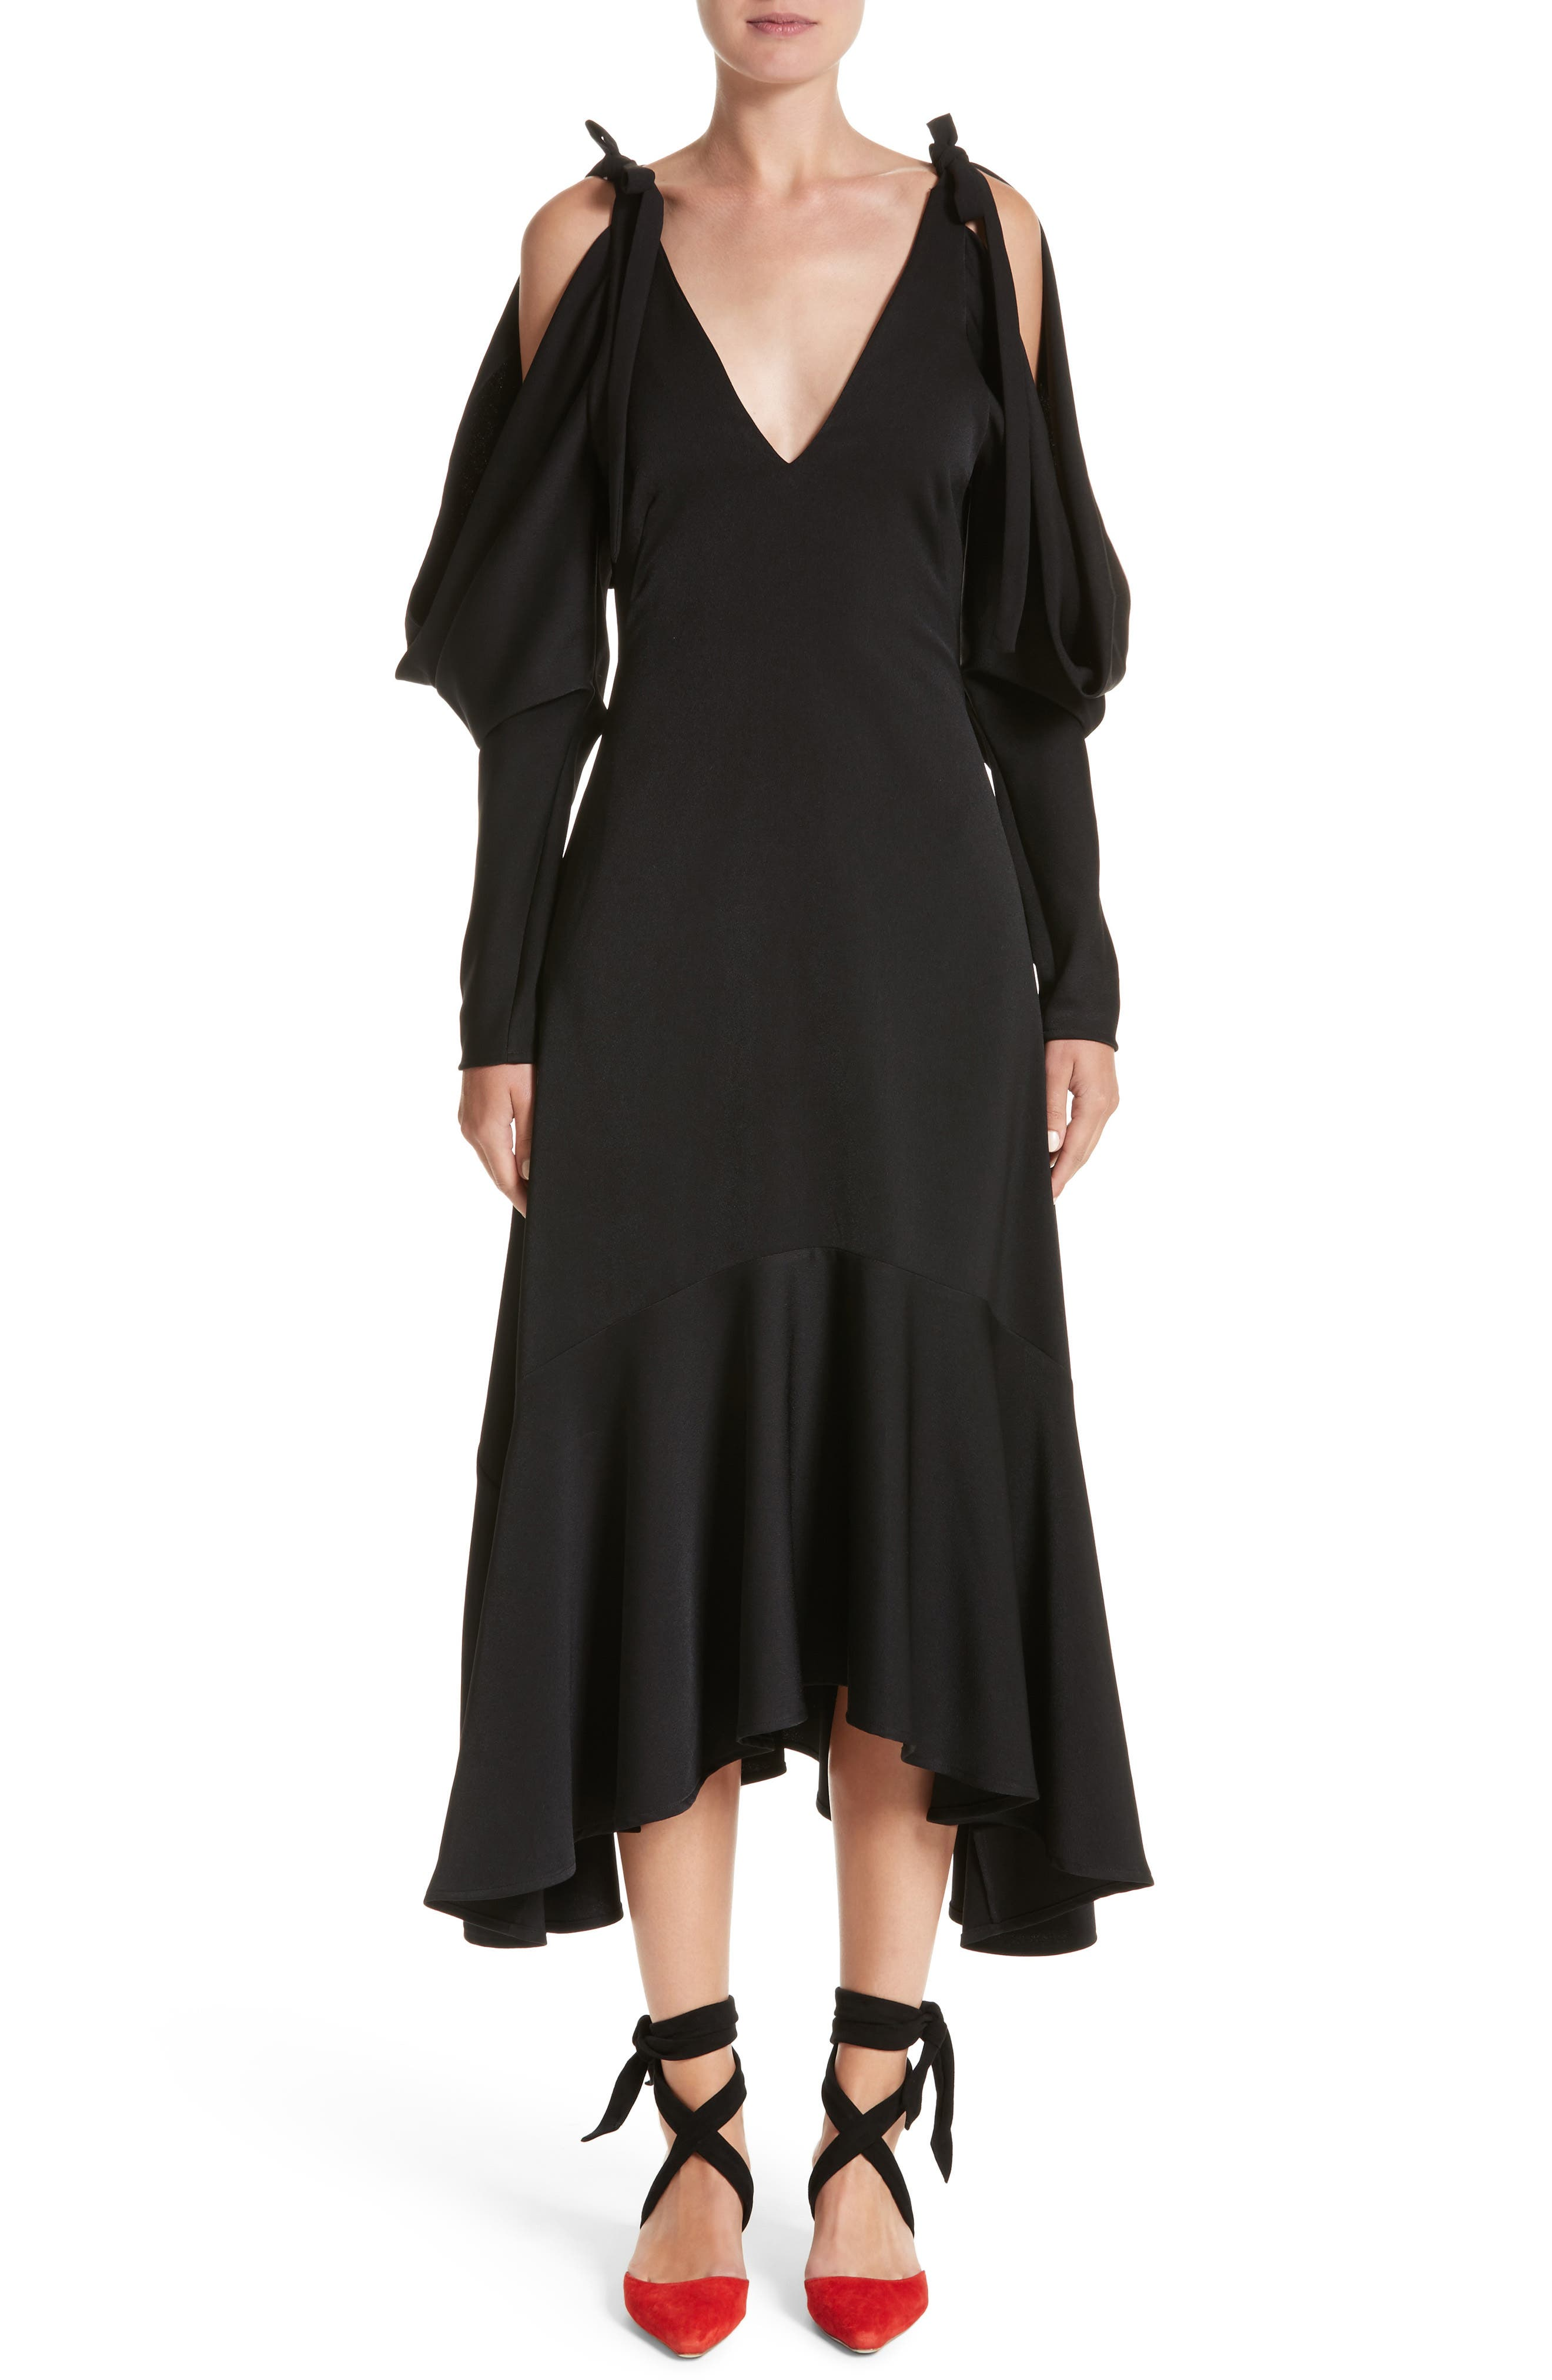 Alternate Image 1 Selected - Rejina Pyo Open Back Cold Shoulder Dress